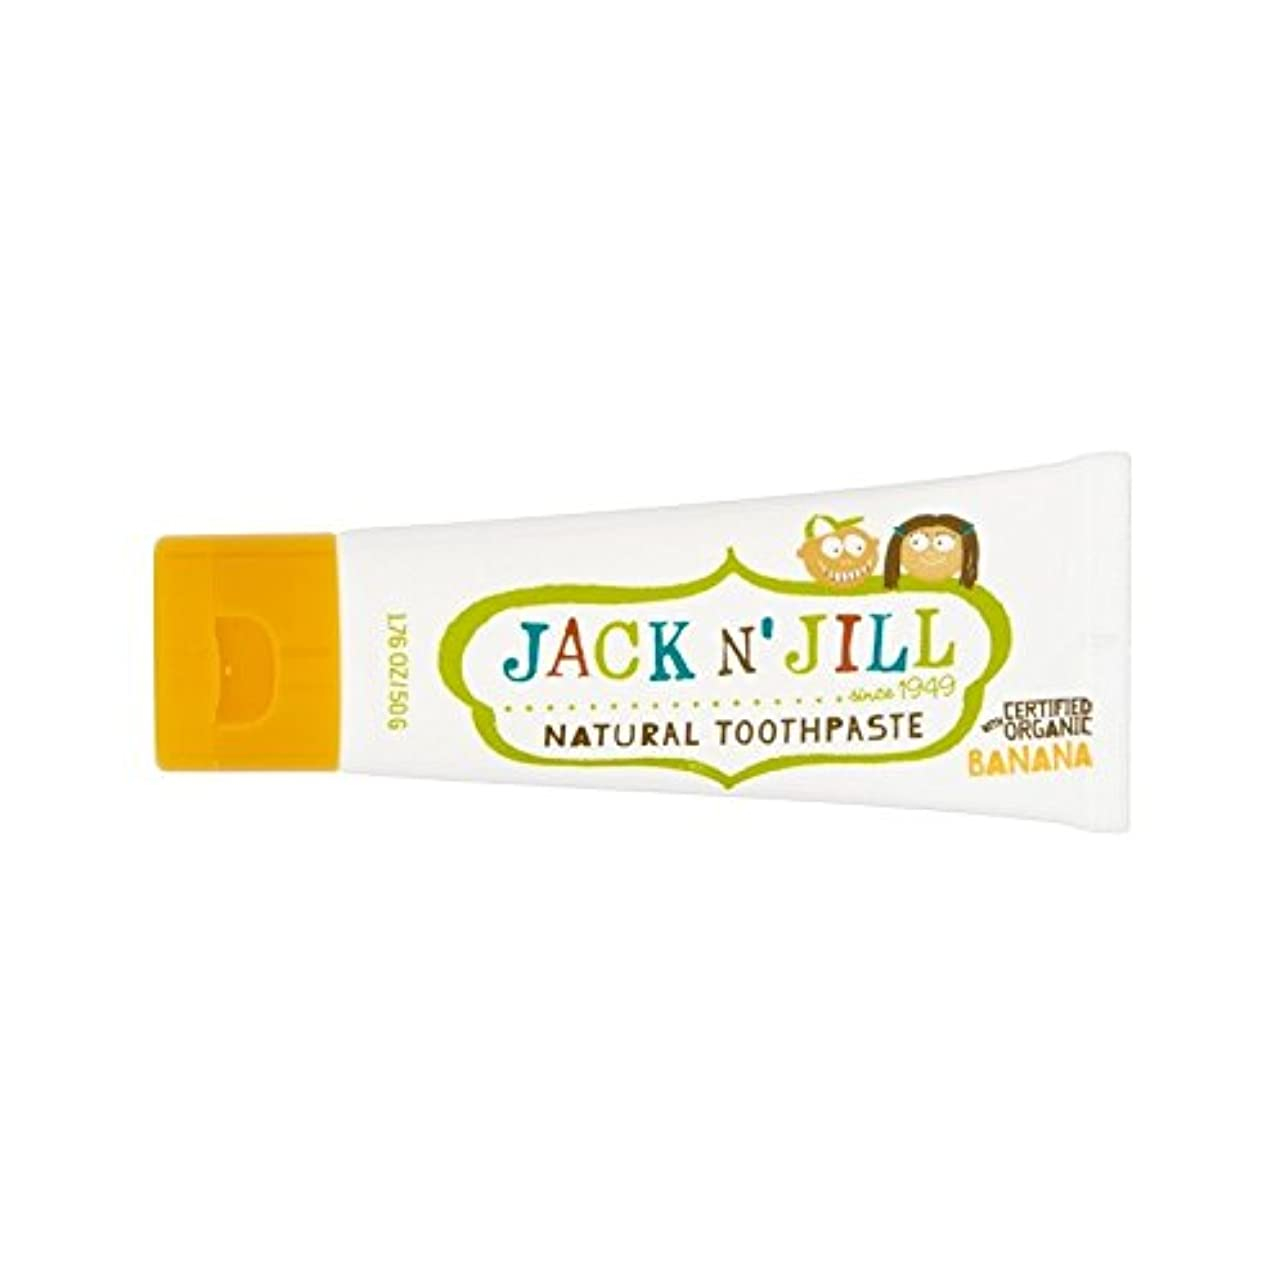 虐殺置換民間人有機香味50グラムと自然バナナ歯磨き粉 (Jack N Jill) (x 2) - Jack N' Jill Banana Toothpaste Natural with Organic Flavouring 50g (Pack of 2) [並行輸入品]